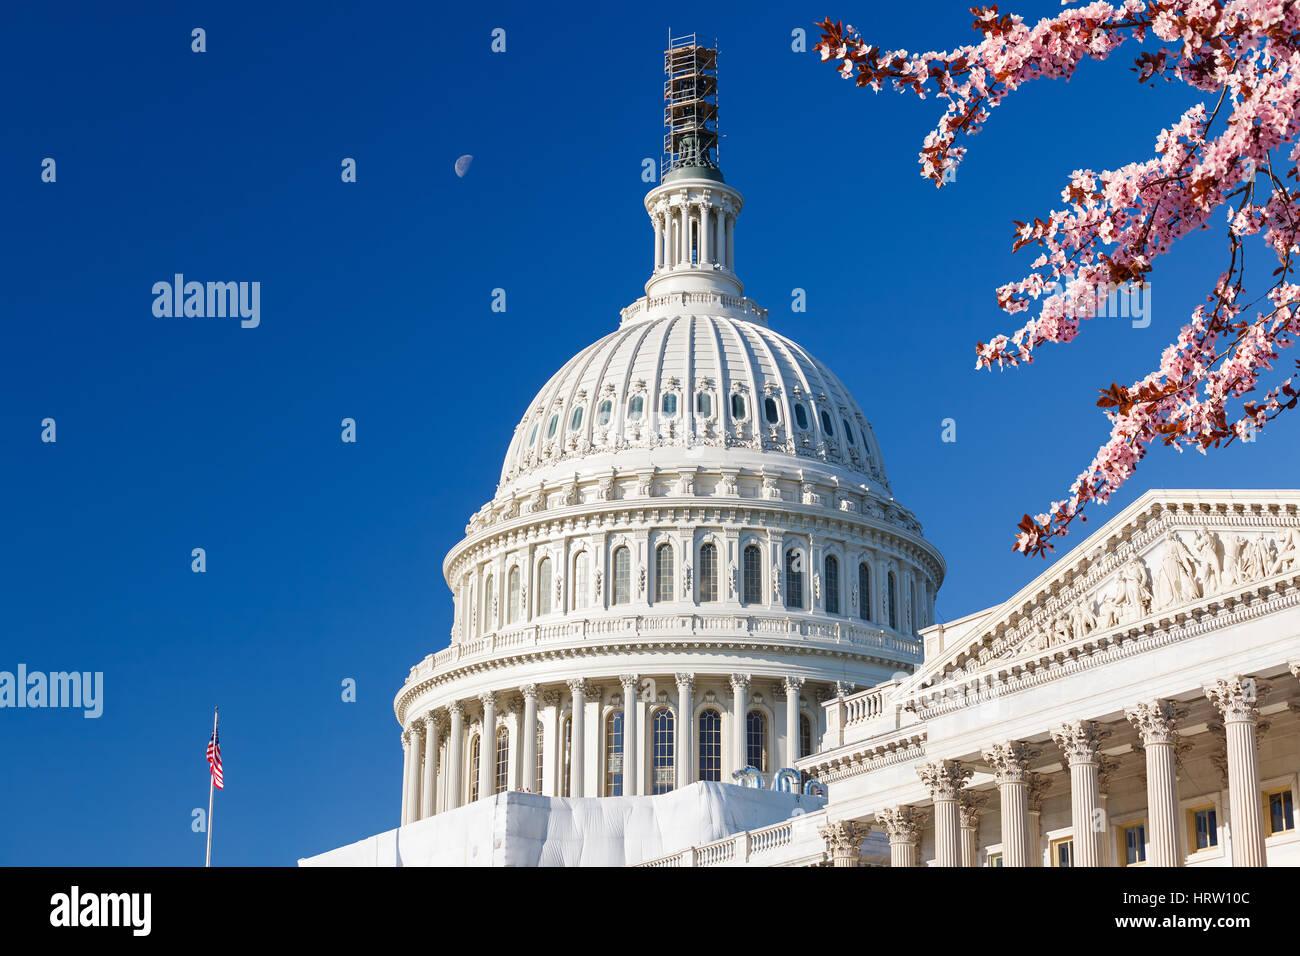 Capitole plus de ciel bleu avec blooming cherry sur foregraund Photo Stock